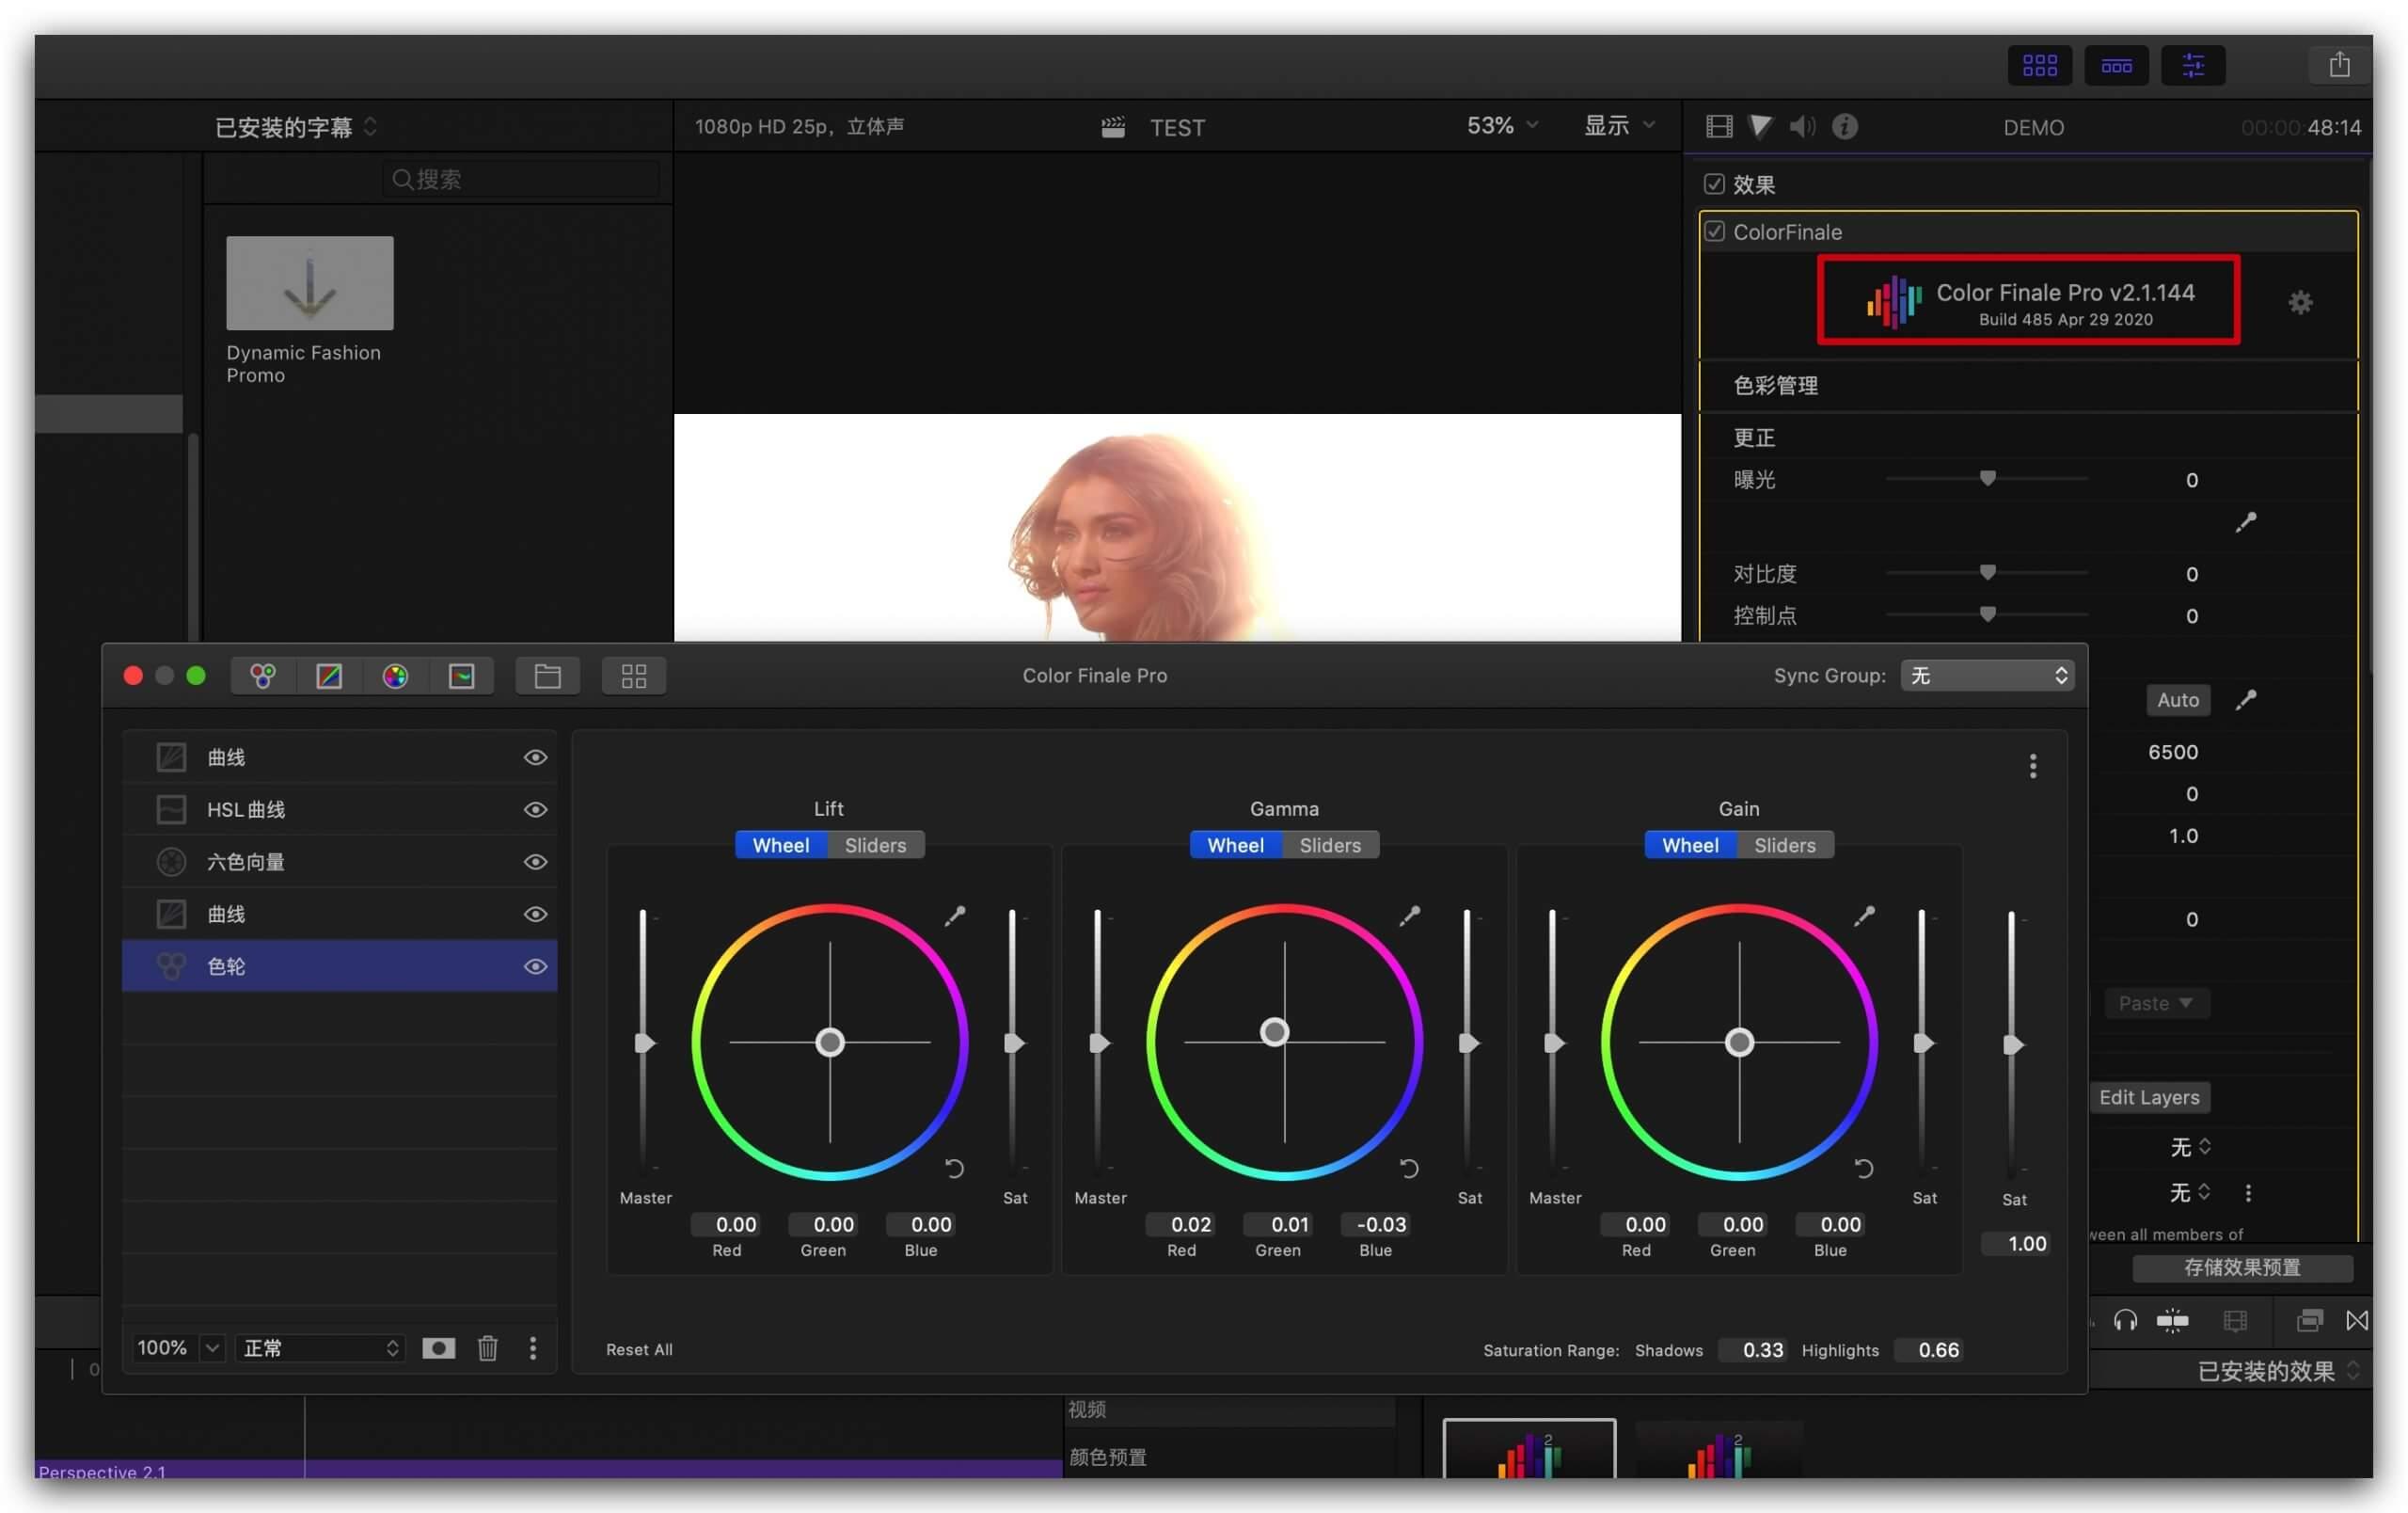 Color Finale Pro 2.1.144 中文版  专业视频分级调色插件